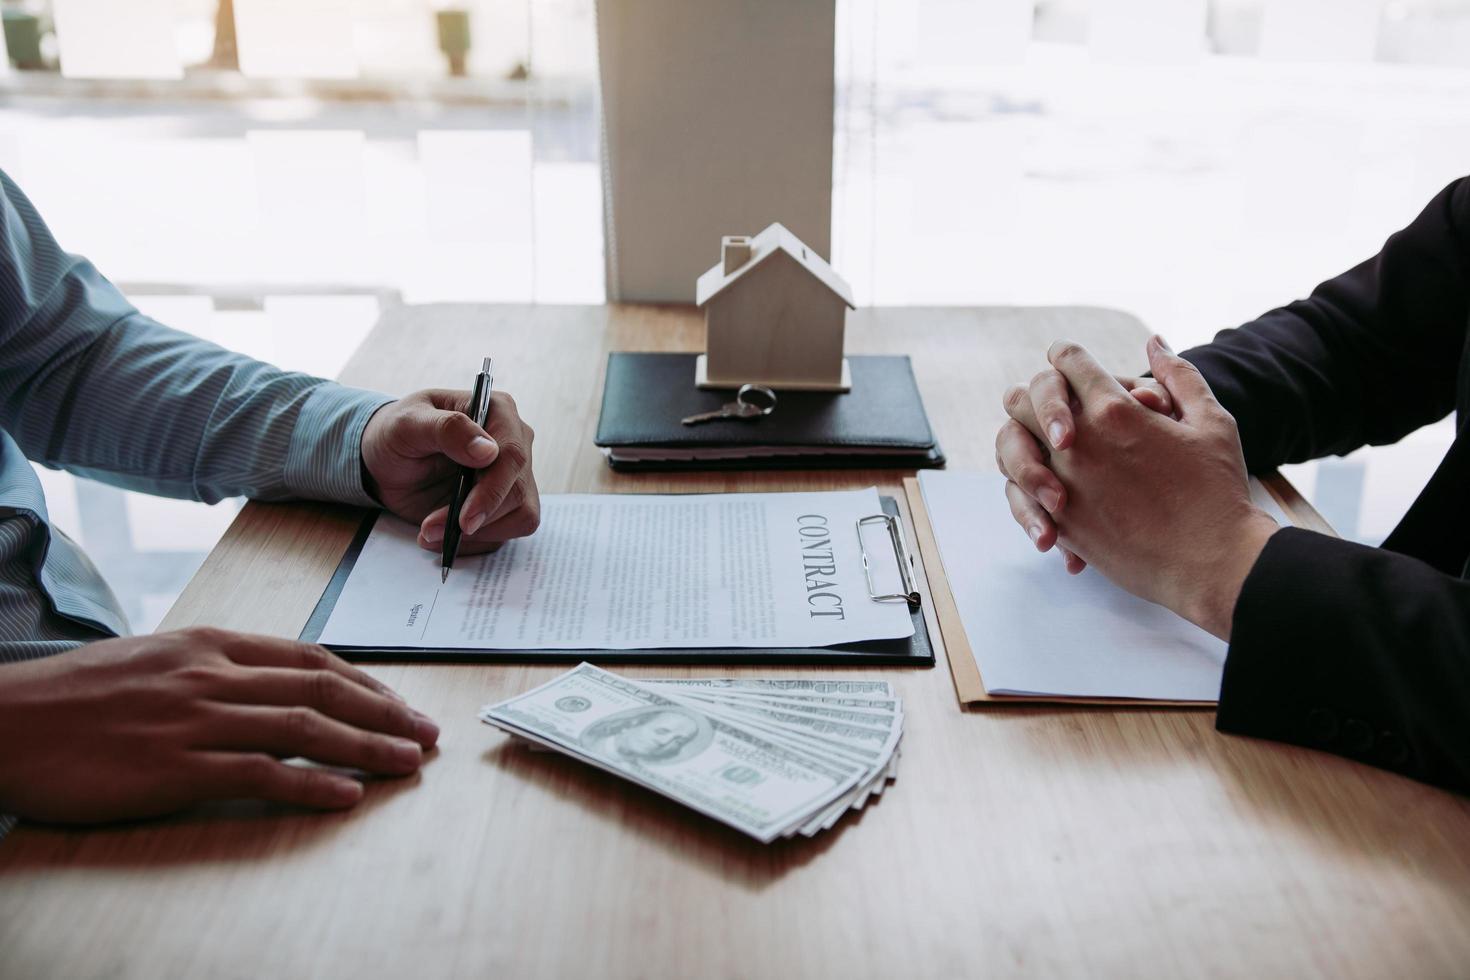 neuer Hauskäufer unterschreibt Vertrag am Schreibtisch des Maklers foto